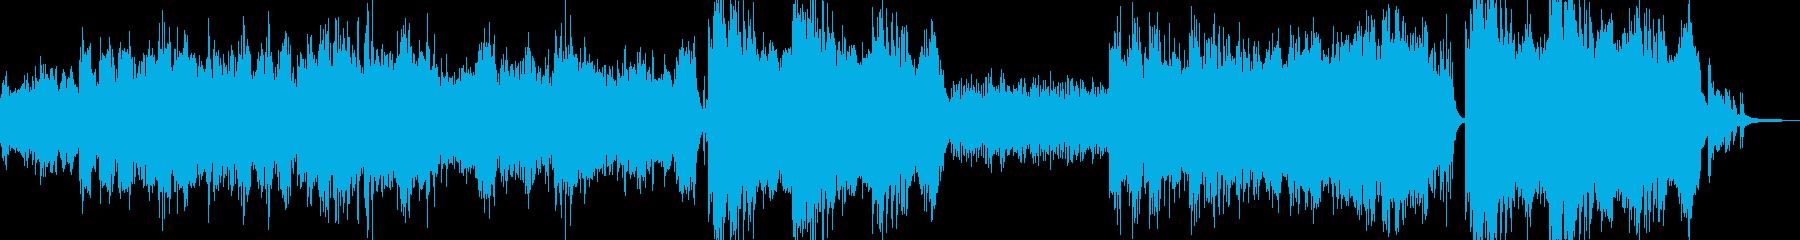 異世界・故人を想う雰囲気・ドラム無 長尺の再生済みの波形